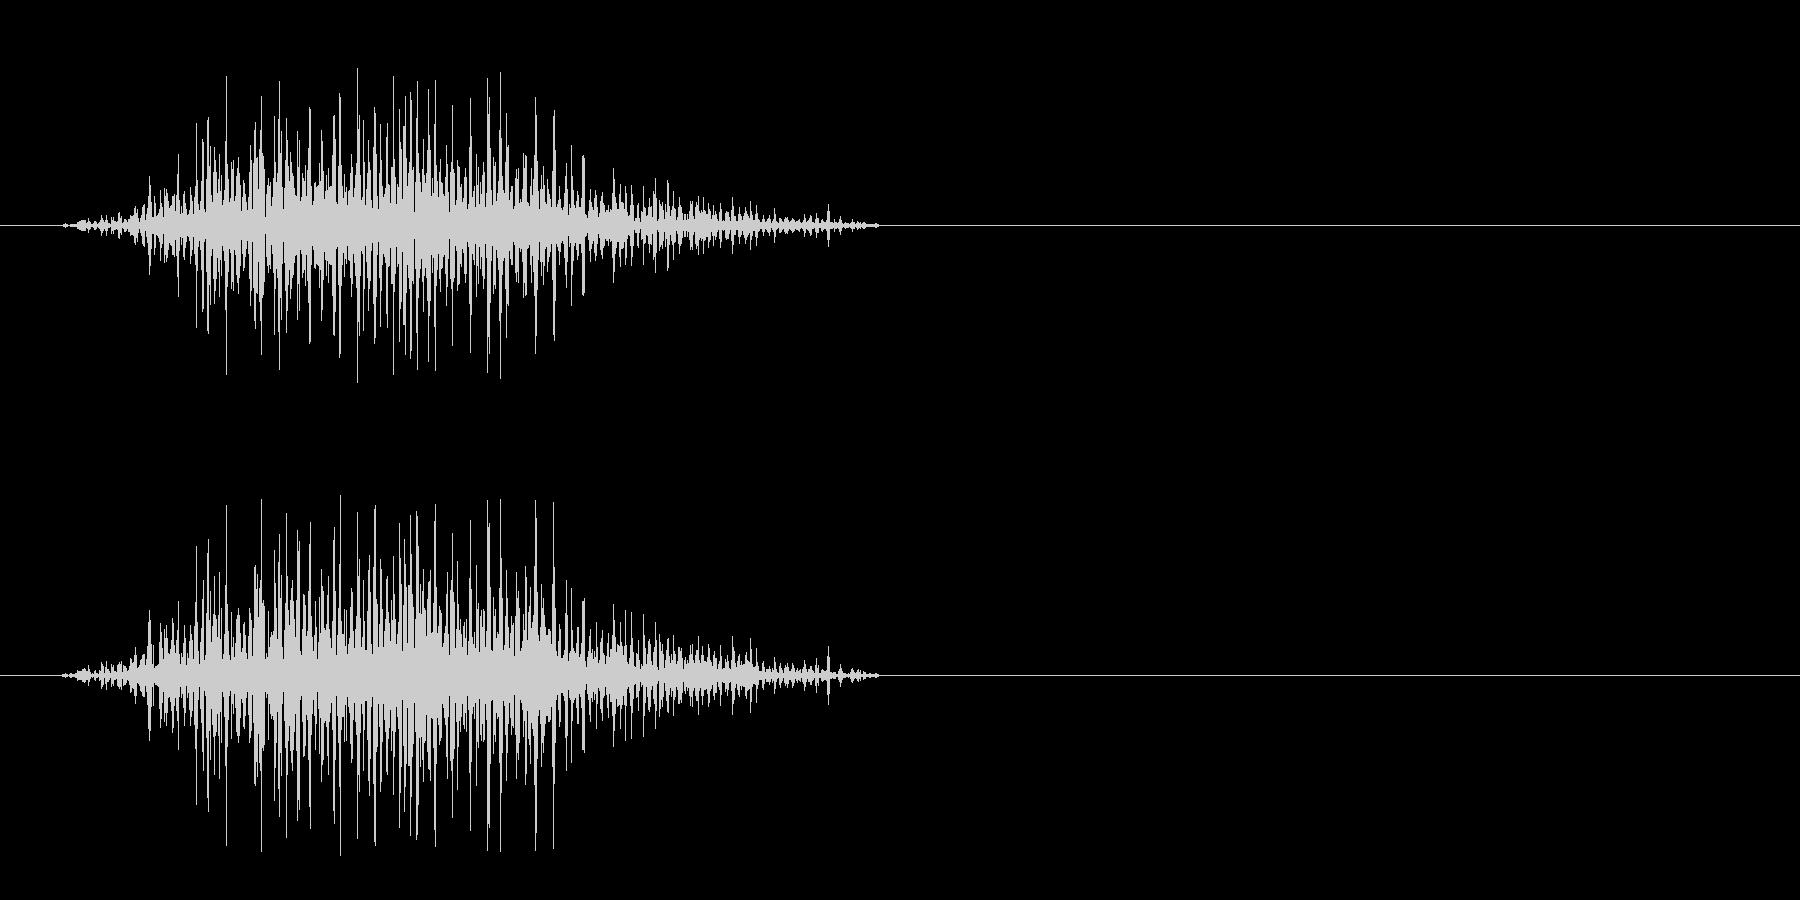 獣の威嚇 2の未再生の波形